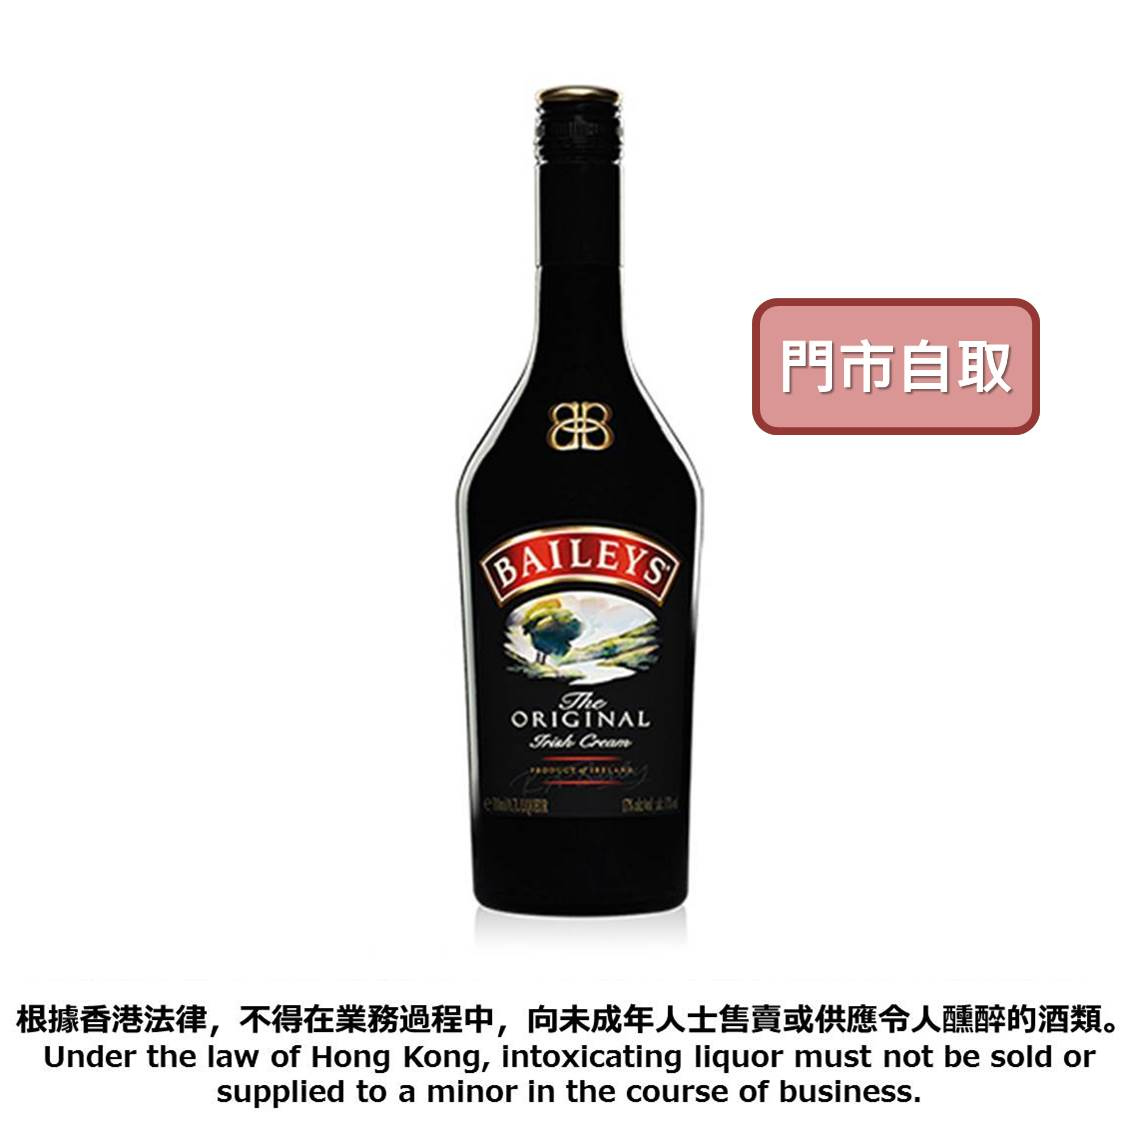 Bailey'sBAILEYS甜酒